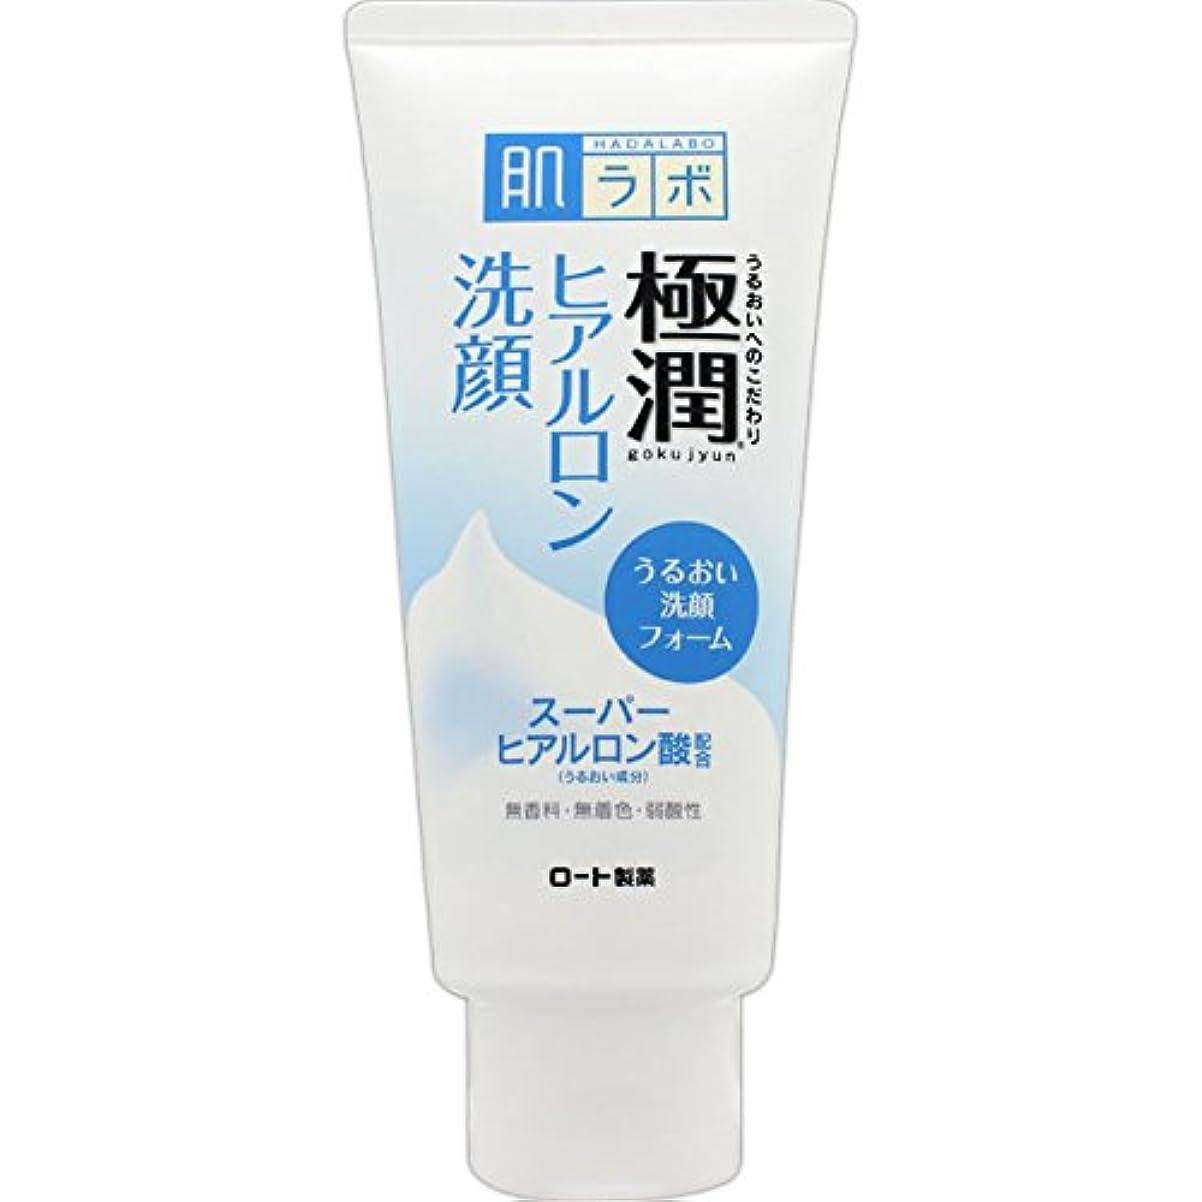 制裁深める昆虫肌ラボ 極潤 ヒアルロン洗顔フォーム スーパーヒアルロン酸&吸着型ヒアルロン酸をW配合 100g